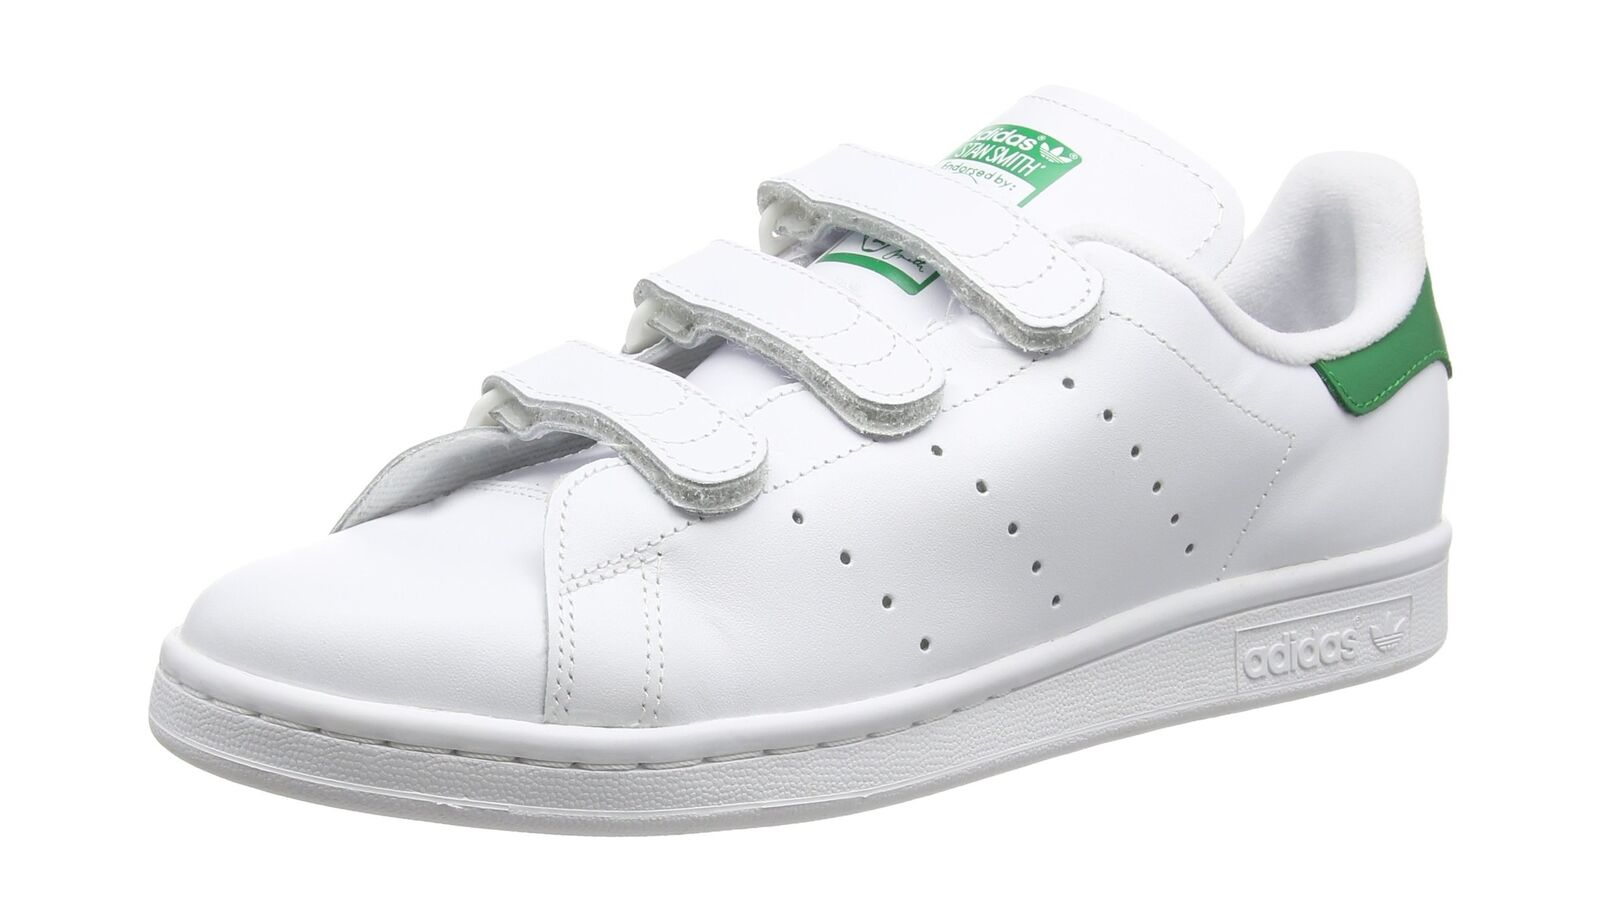 Adidas Para Hombre Al Stan Smith cf EcoTread Al Hombre Aire Libre Zapatos  10 Reino Unido 08fae6